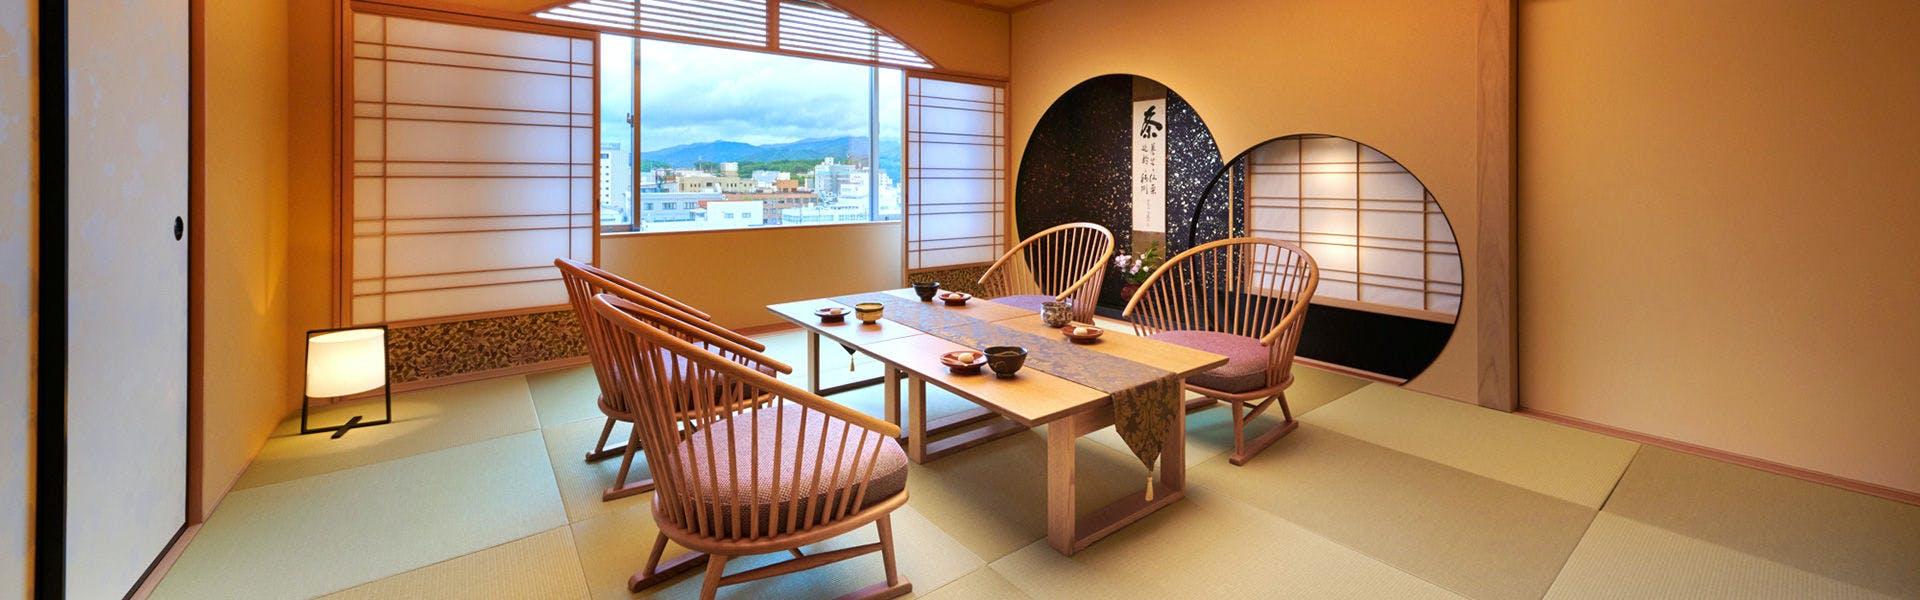 記念日におすすめのホテル・本陣平野屋 花兆庵の写真3